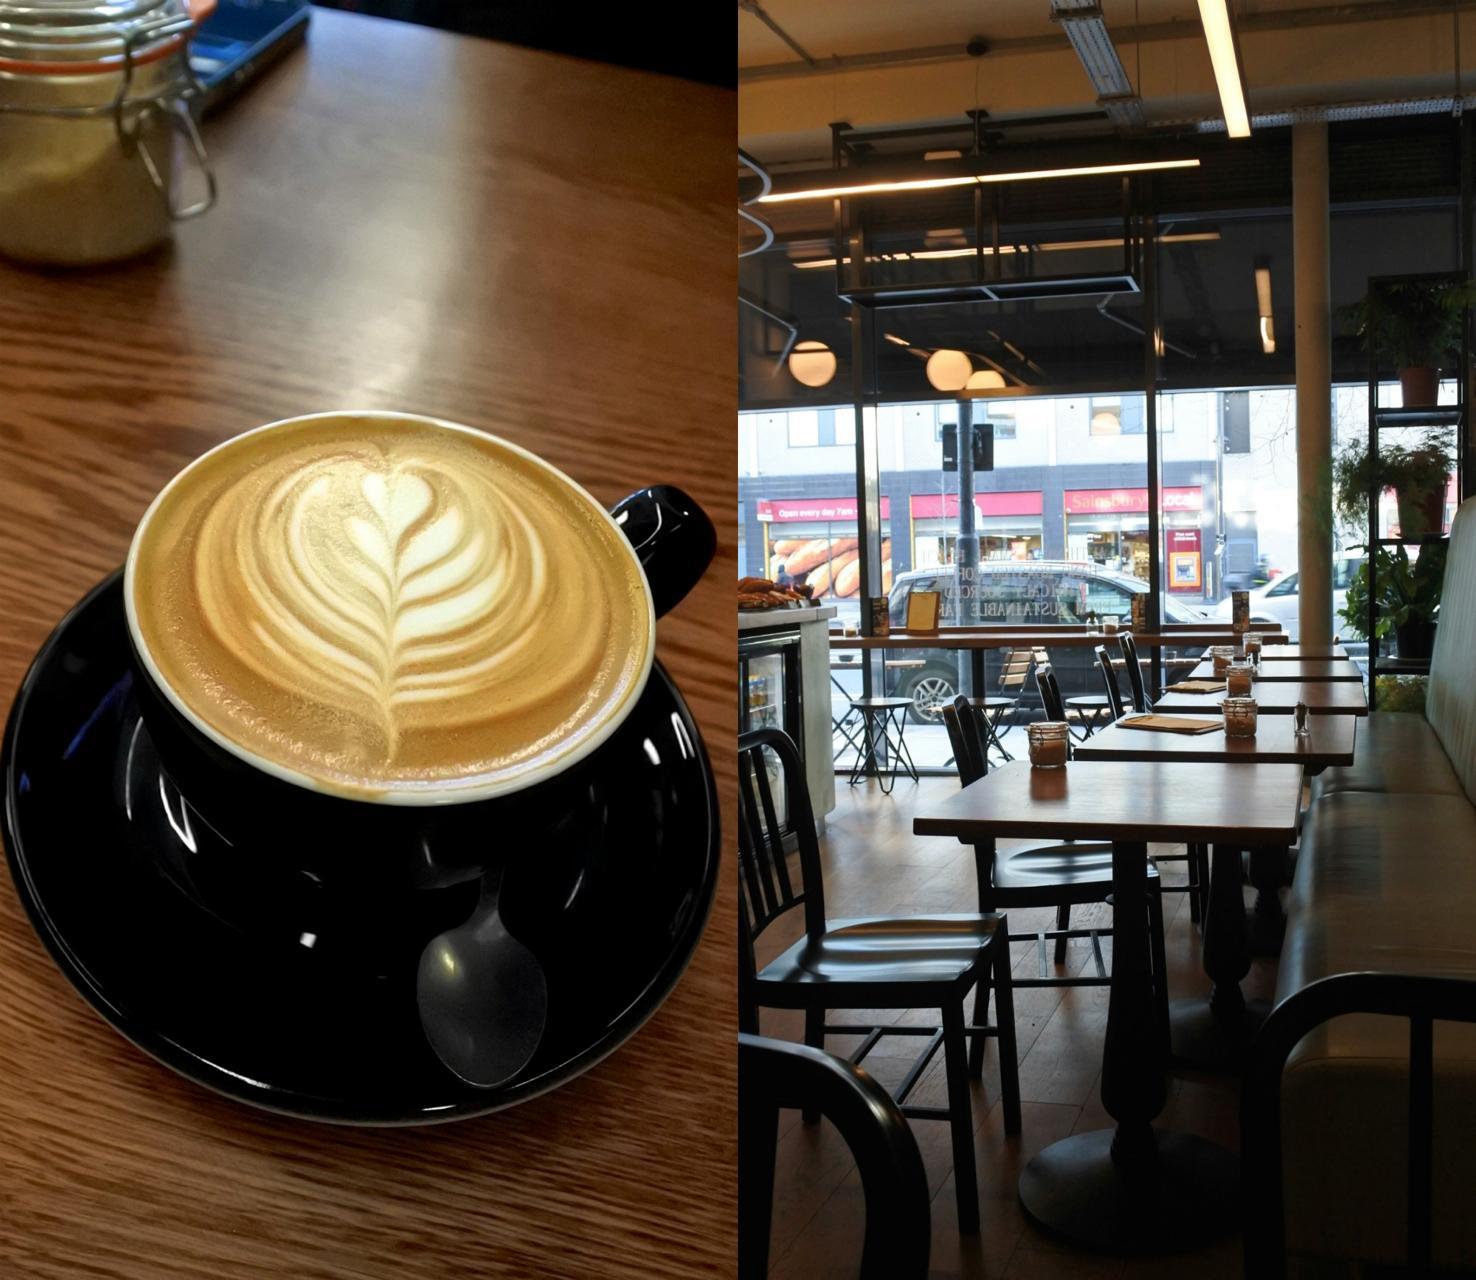 イーリングの第一号店にあるマイクロ自家焙煎所でハンド・ローストしているというコーヒーは高品質のアラビカ・ビーンズ100%で甘味があるタイプ。壁に掲げてある説明書きには「ゆえにフレーバーを逃しません」とある。